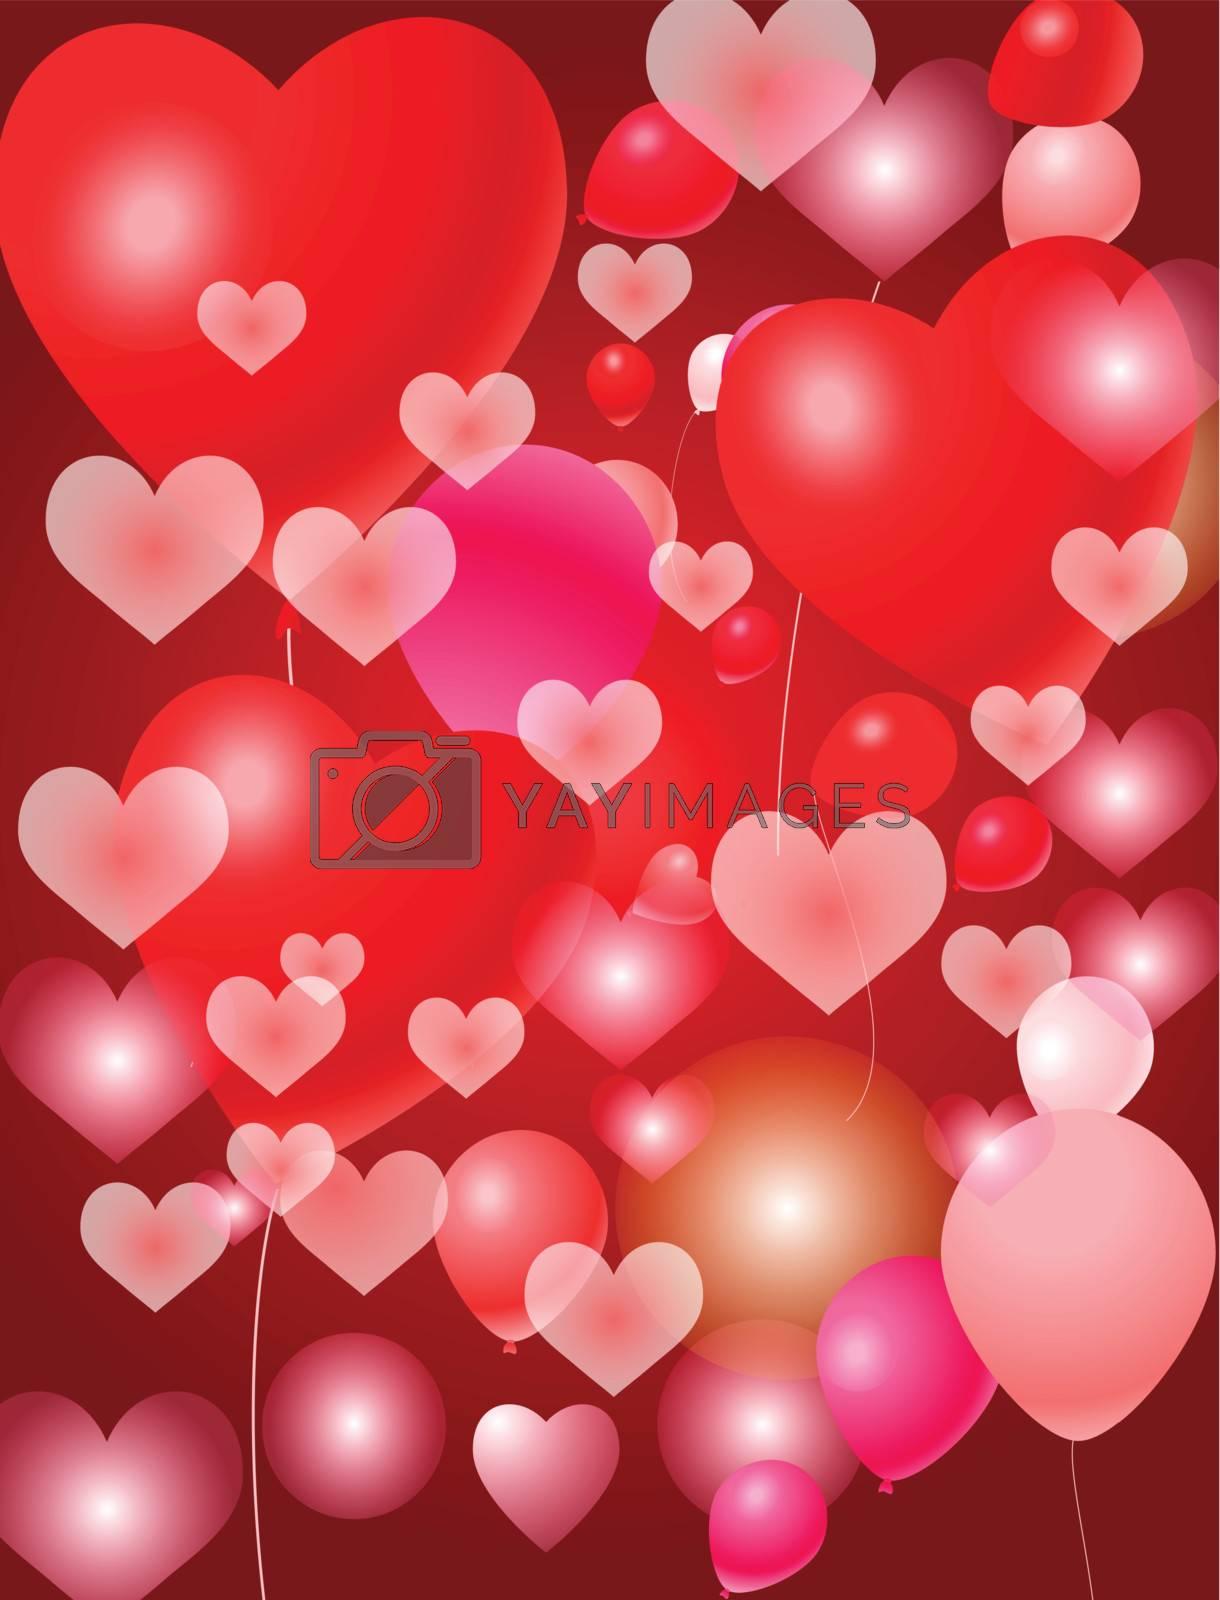 Balloon celebration Balloon heart